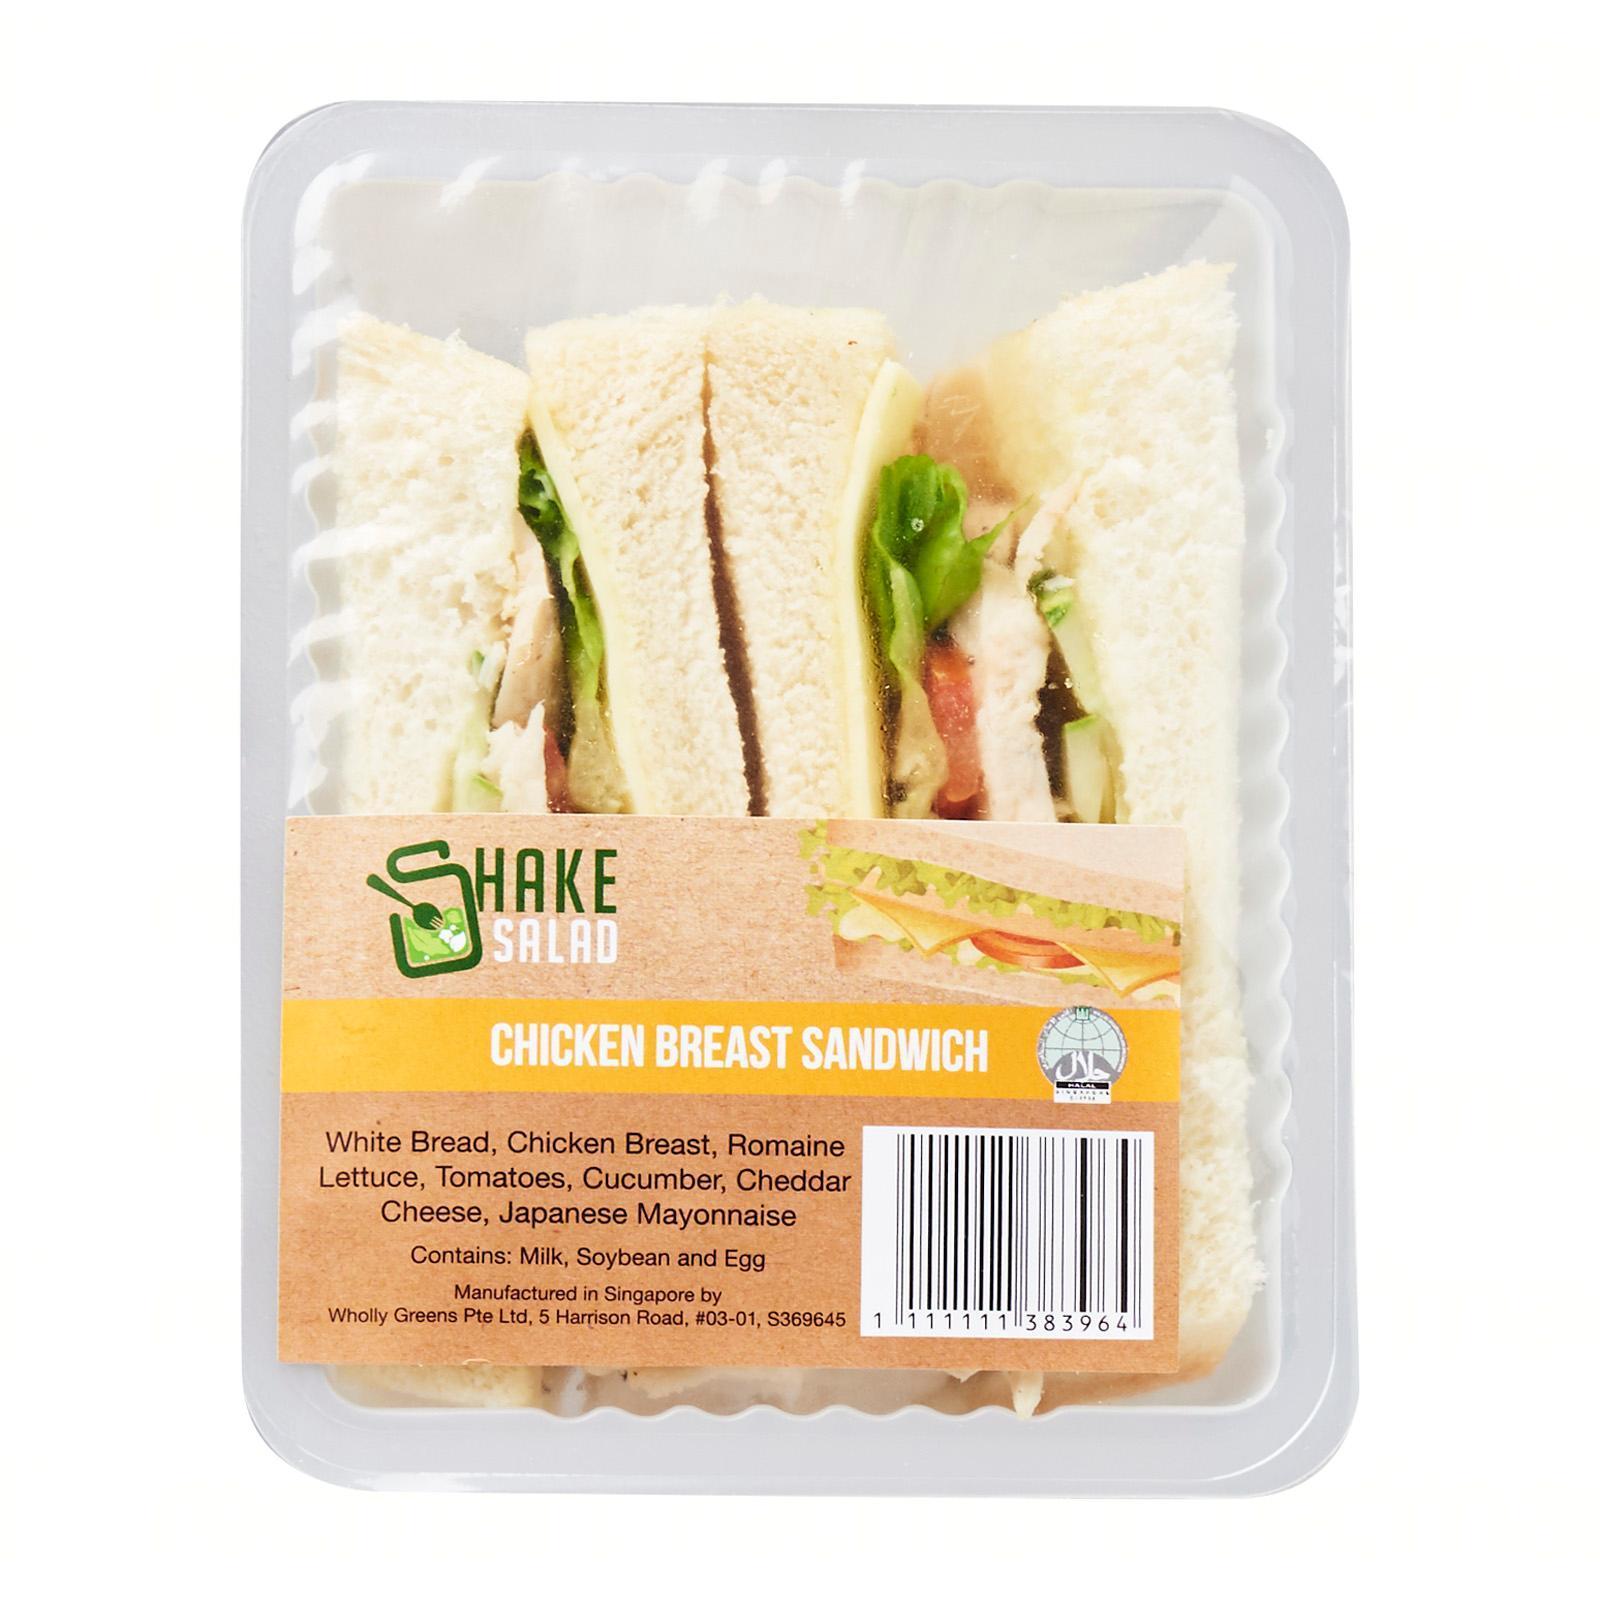 Shake Salad Chicken Breast Sandwich